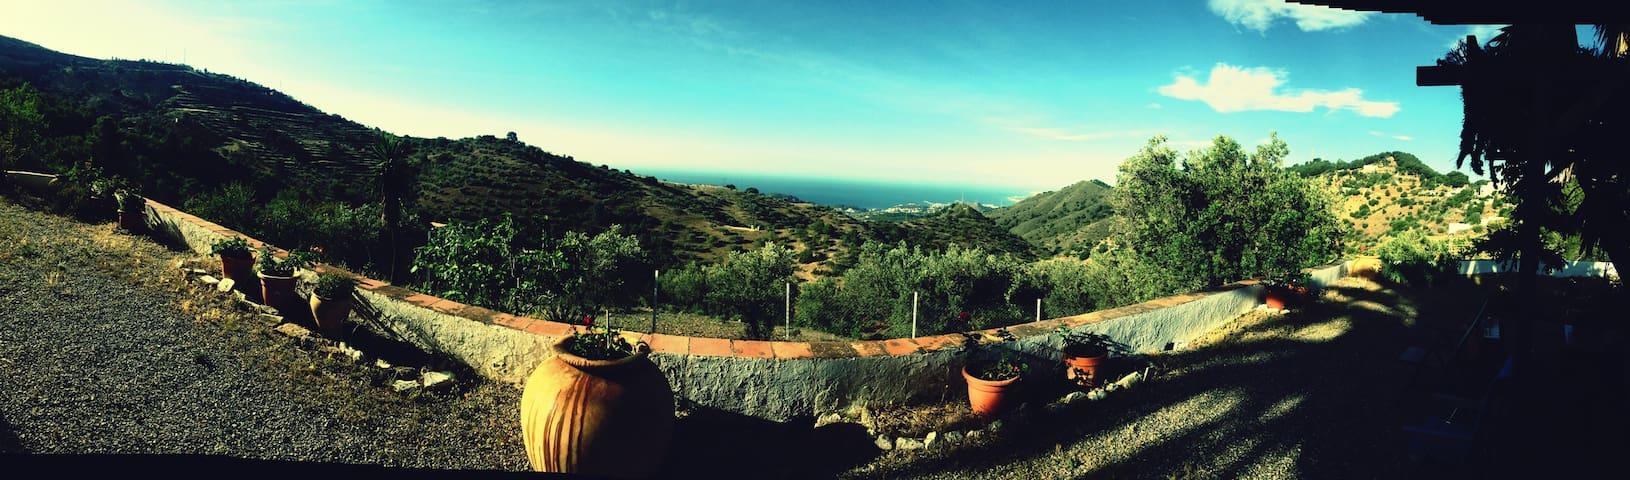 Villa Parque Natural de los Montes de Málaga. - Málaga - Villa